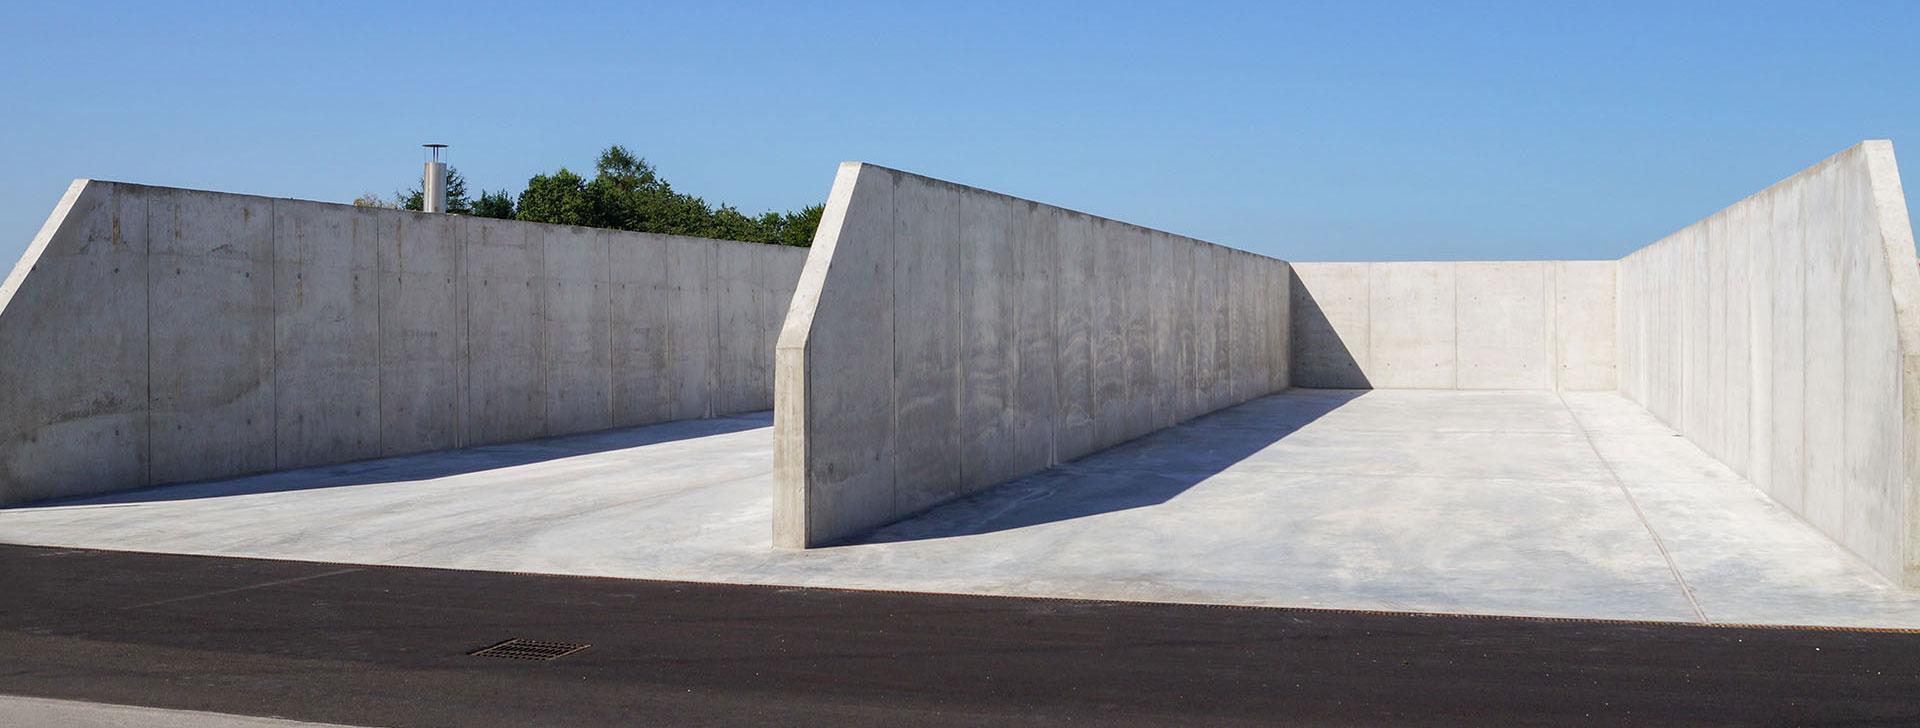 Silowände aus Beton